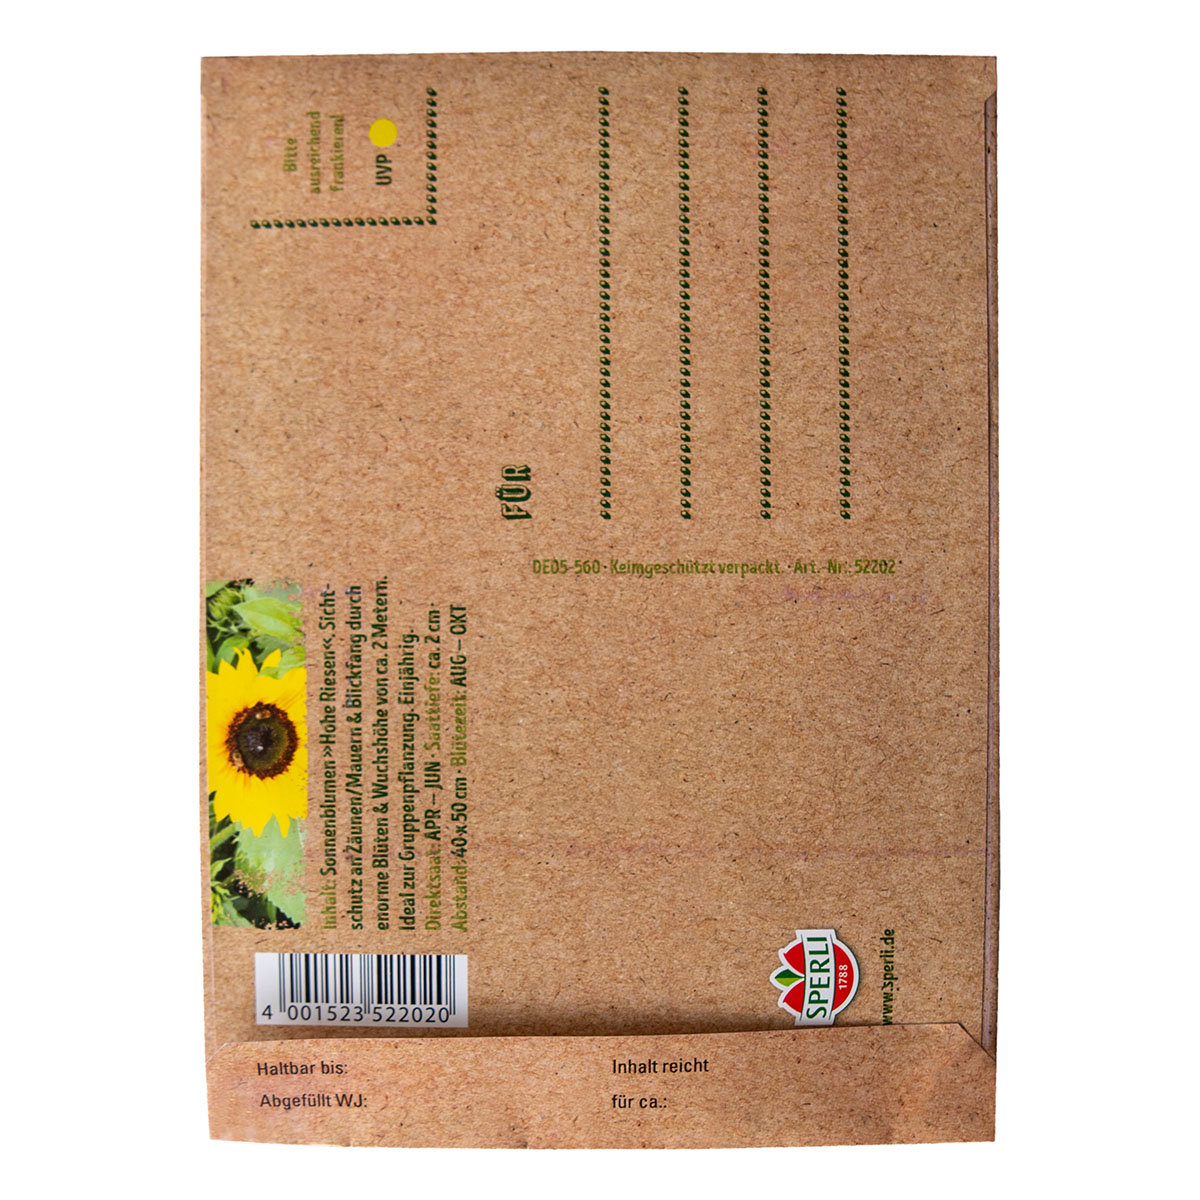 Saatgut Postkarte zum Verschicken - Sonnenblume | #2